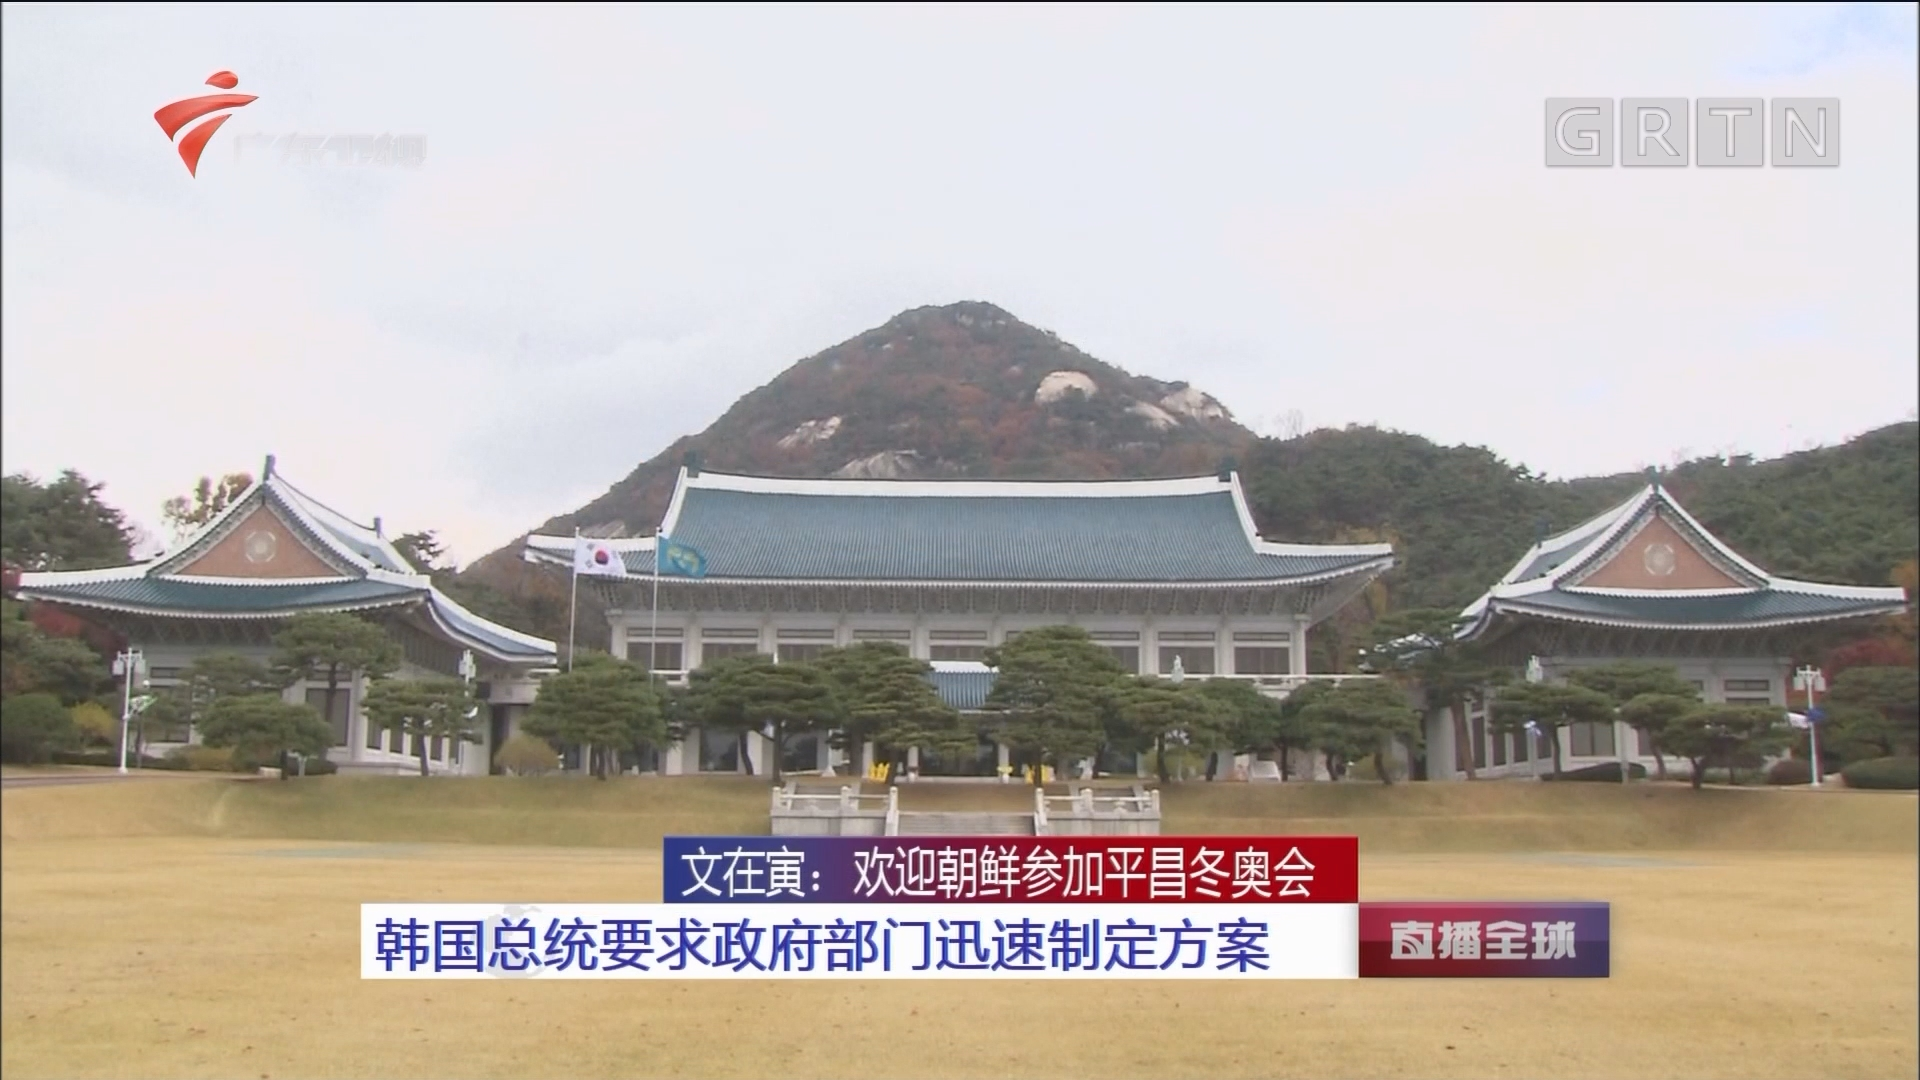 文在寅:欢迎朝鲜参加平昌冬奥会 韩国总统要求政府部门迅速制定方案